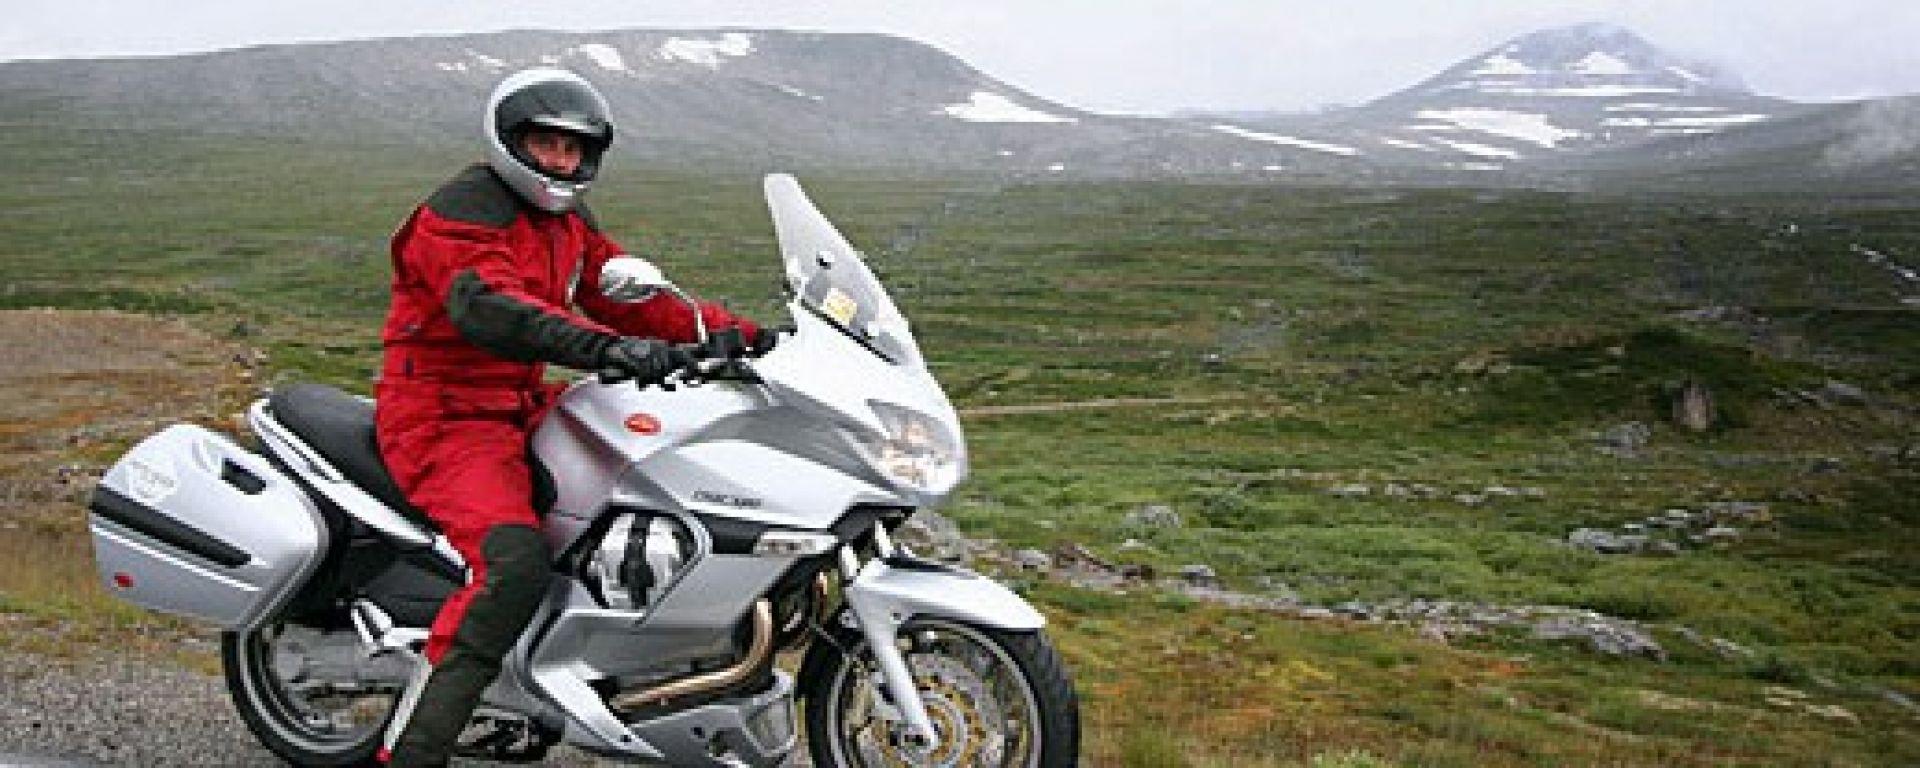 Raid Norge 2006 / La moto: come è andata con la Norge 1200